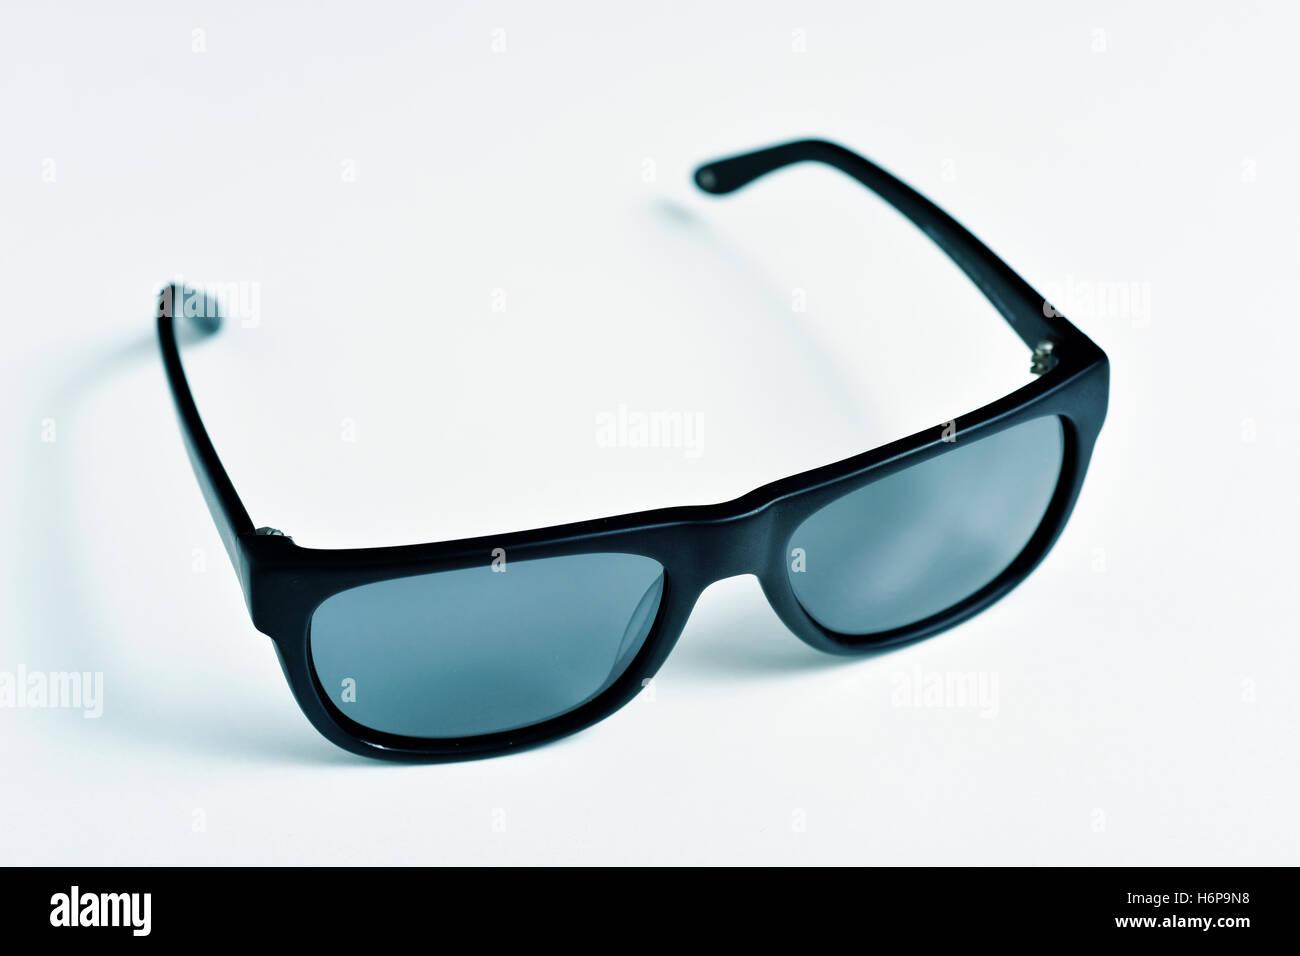 White Framed Sunglasses Stock Photos & White Framed Sunglasses Stock ...